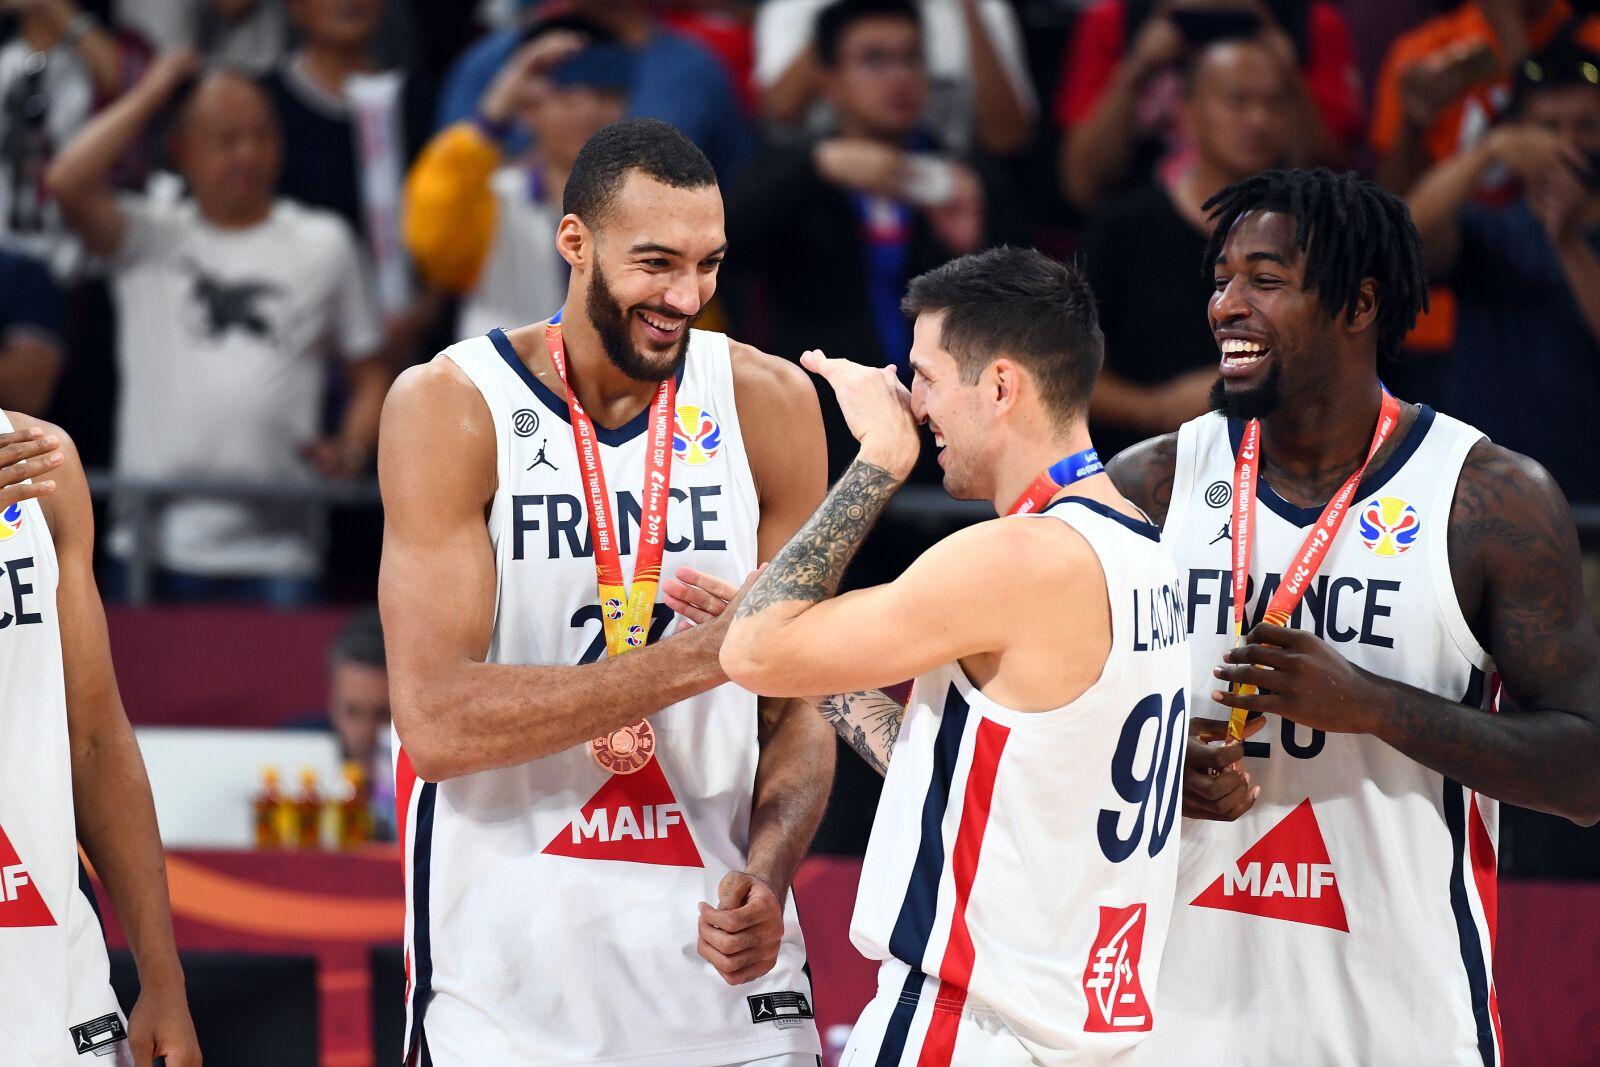 Utah Jazz: Rudy Gobert honored as the best baller in French hoops